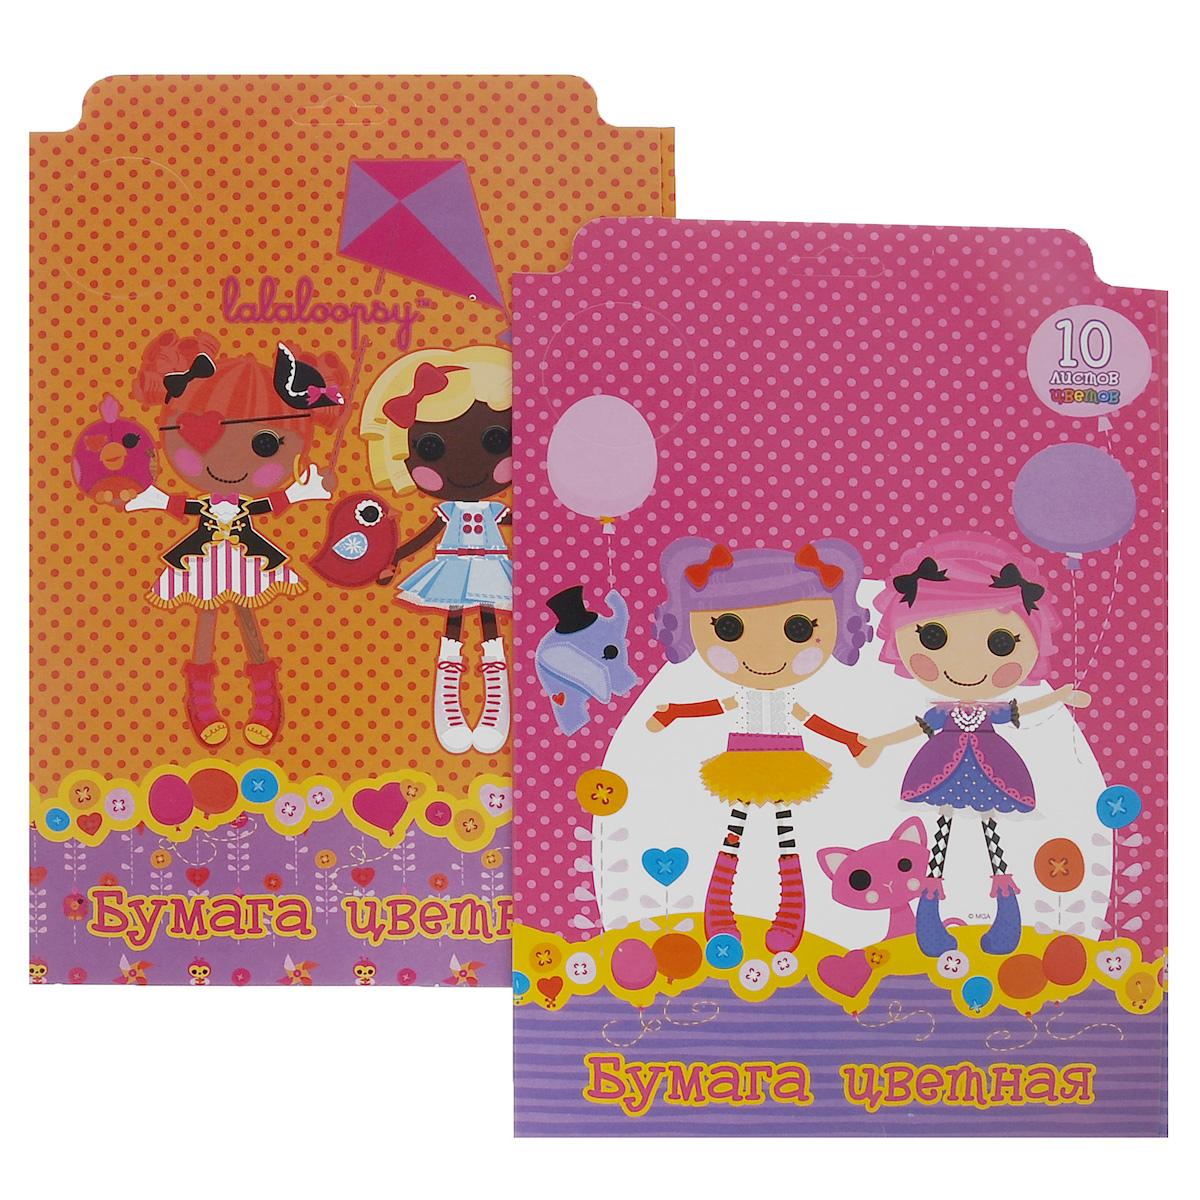 Набор цветной бумаги Lalaloopsy, 10 цветов, 2 штLL-CCP-10/10Набор цветной бумаги Lalaloopsy идеально подойдет для занятий в детском саду, школе и дома. Цветная бумага с яркими красками обеспечит максимально удобный и увлекательный творческий процесс.Папка из мелованного картона с изображением куколок Lalaloopsy на обложке надежно защитит бумажные листы от повреждений.В набор входят цвета: серебро, золото, желтый, красный, малиновый, зеленый, голубой, оранжевый, коричневый, черный.В комплект входит два набора по 10 цветов. Формат листов А4.